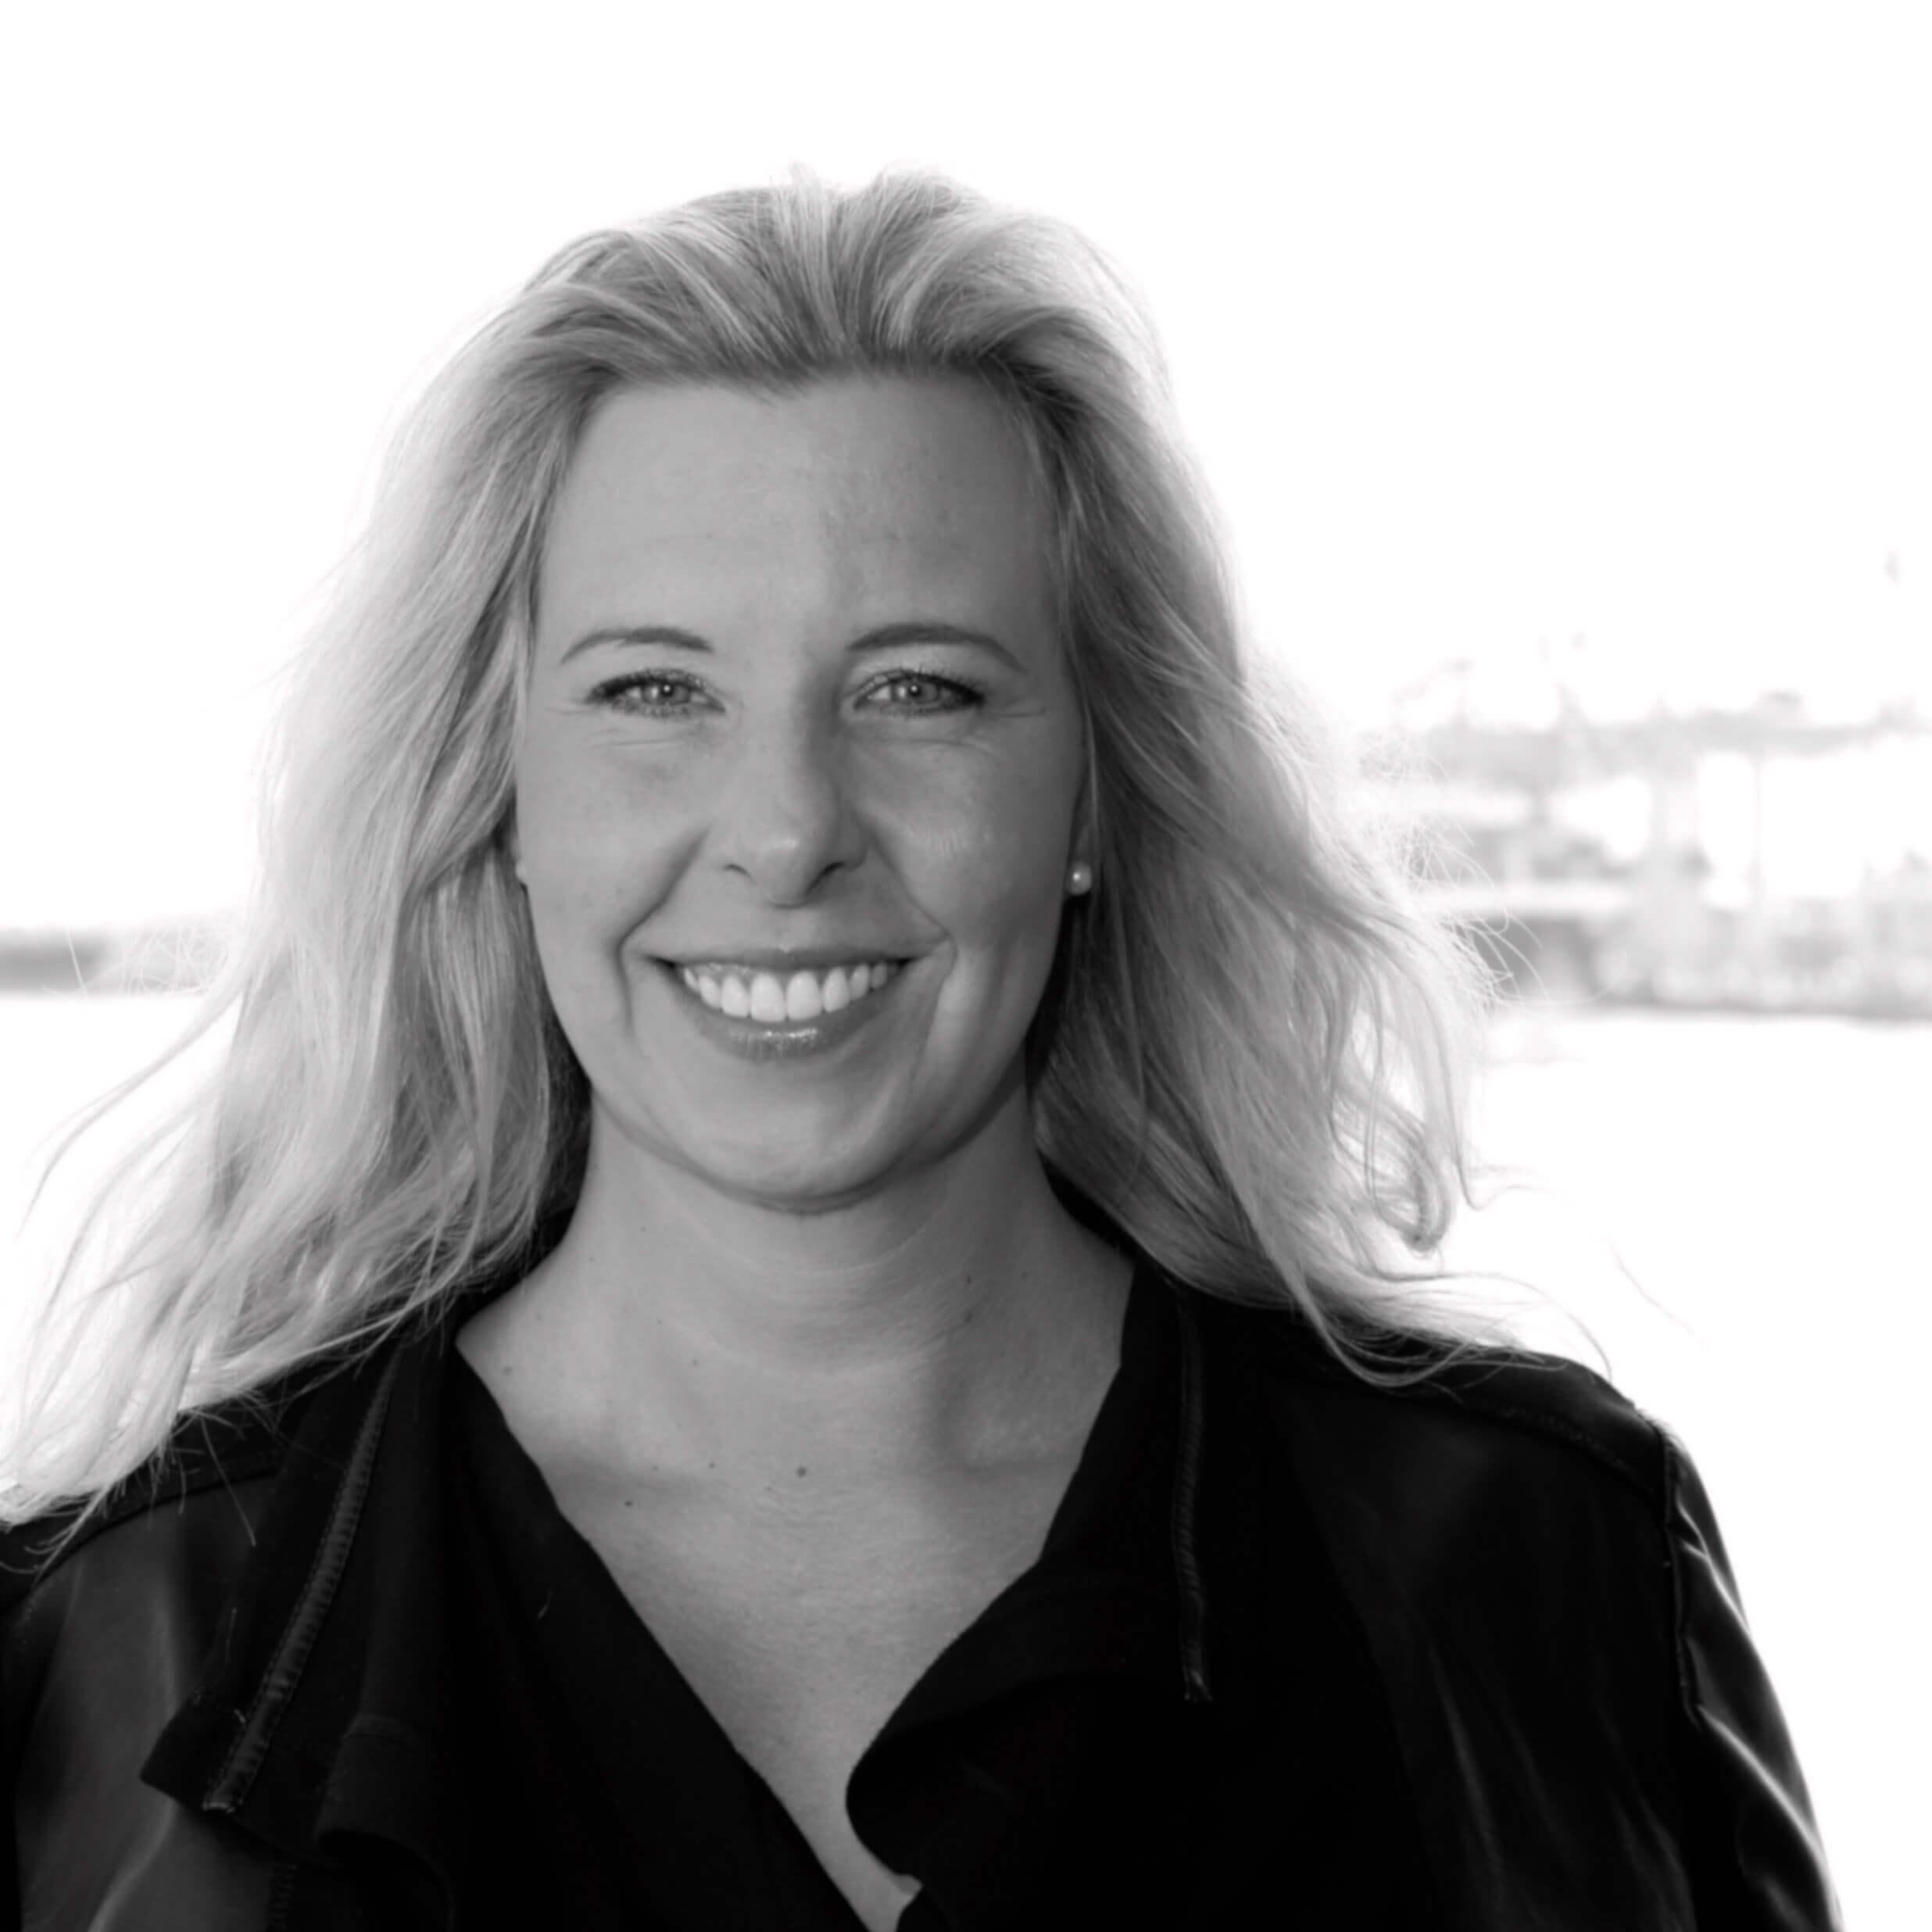 Profilfoto von Frederike Probert von Mission Female